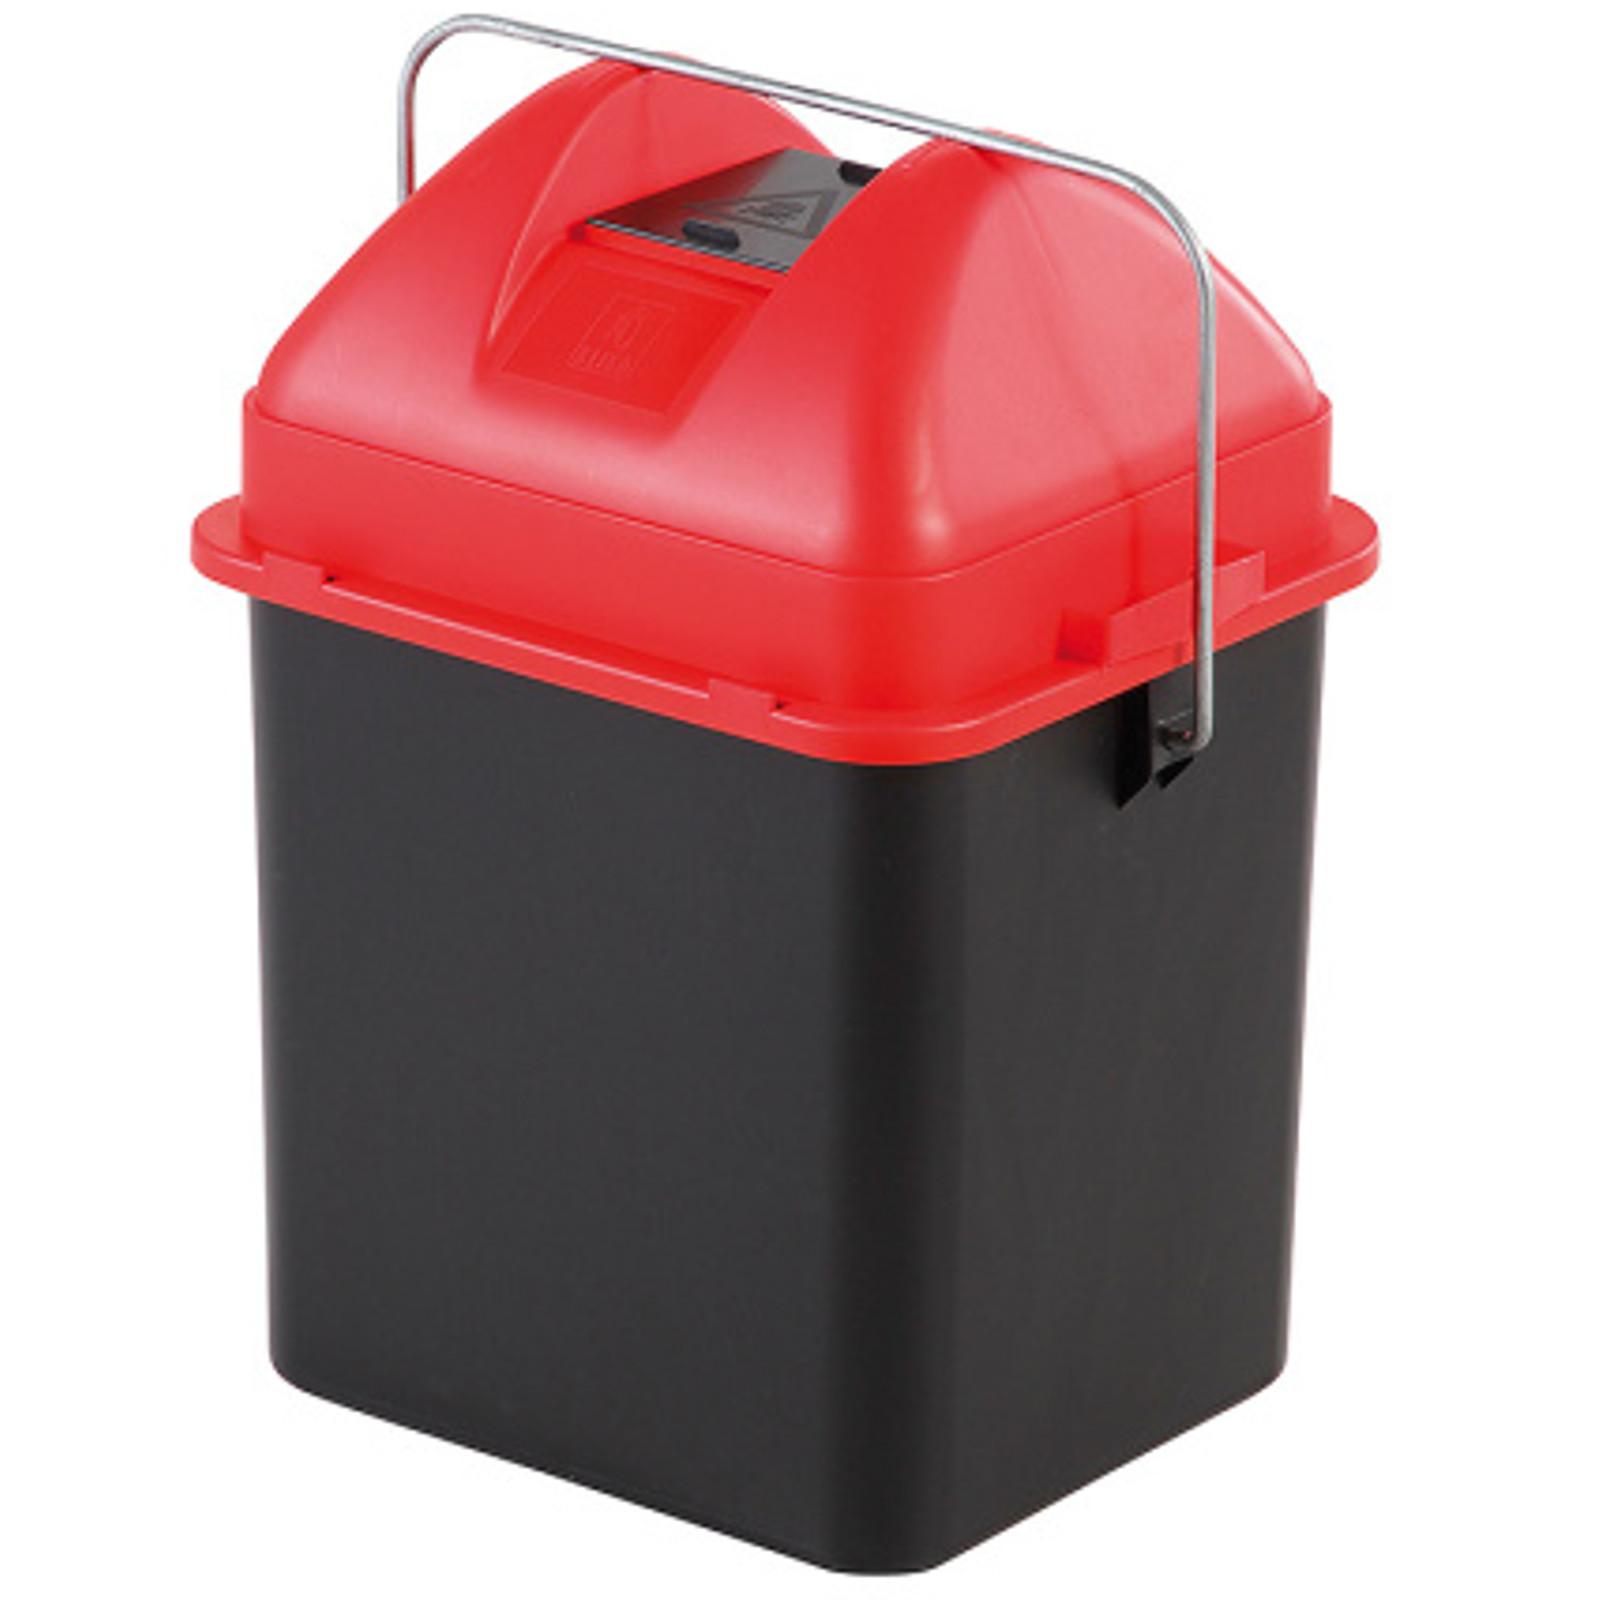 Inteligentny MEVA ® Pojemnik na zużyte baterie Hurtownia Sklep Cena Tanio MK28